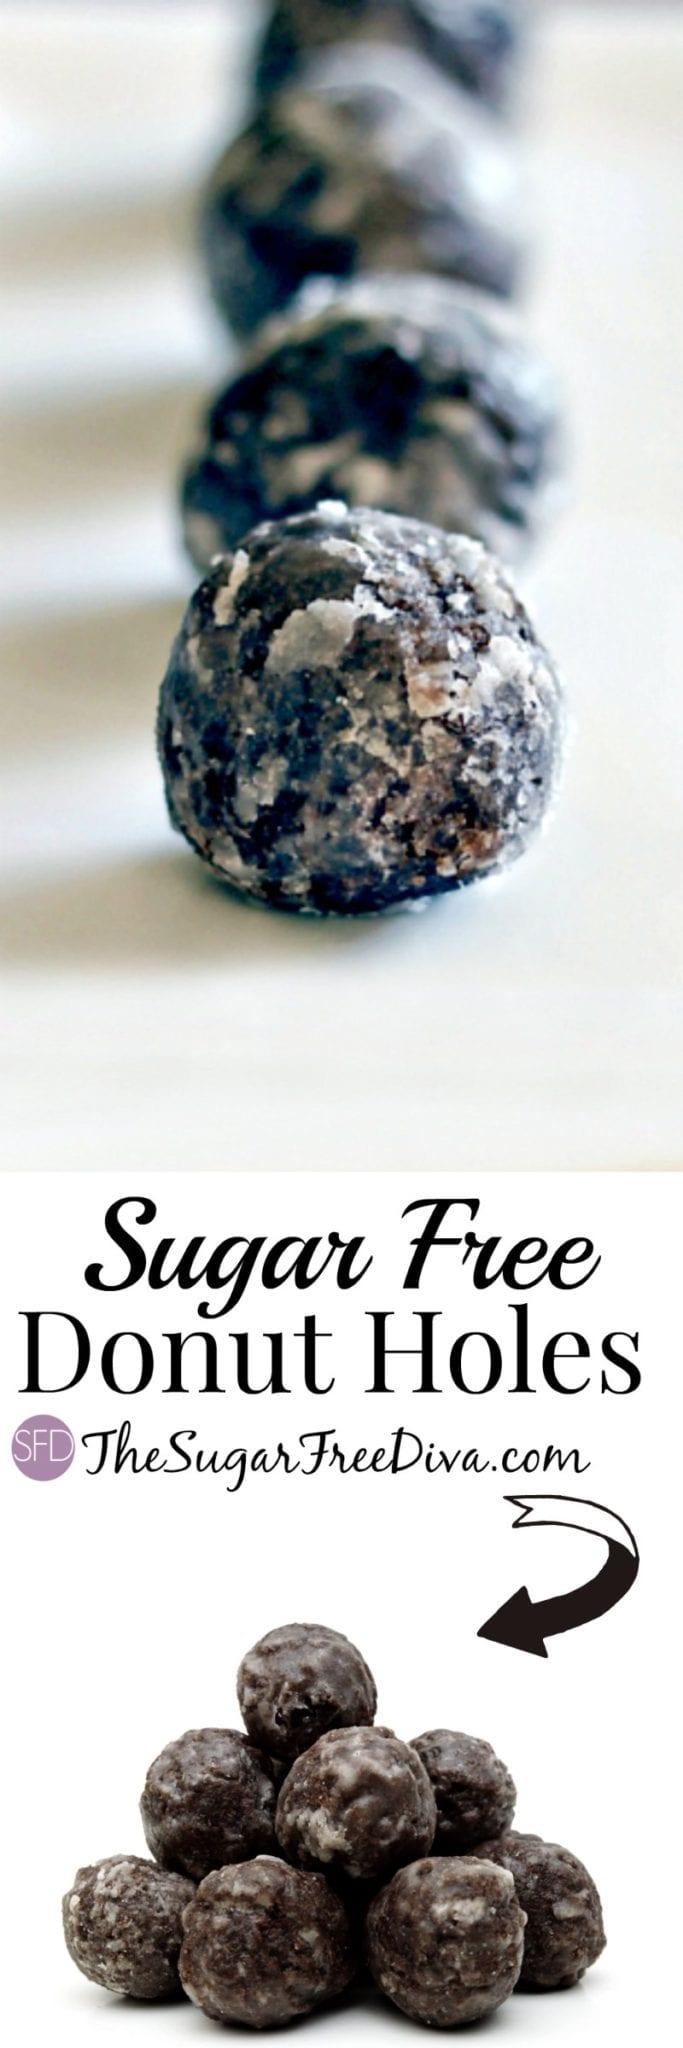 Sugar Free Donut Holes